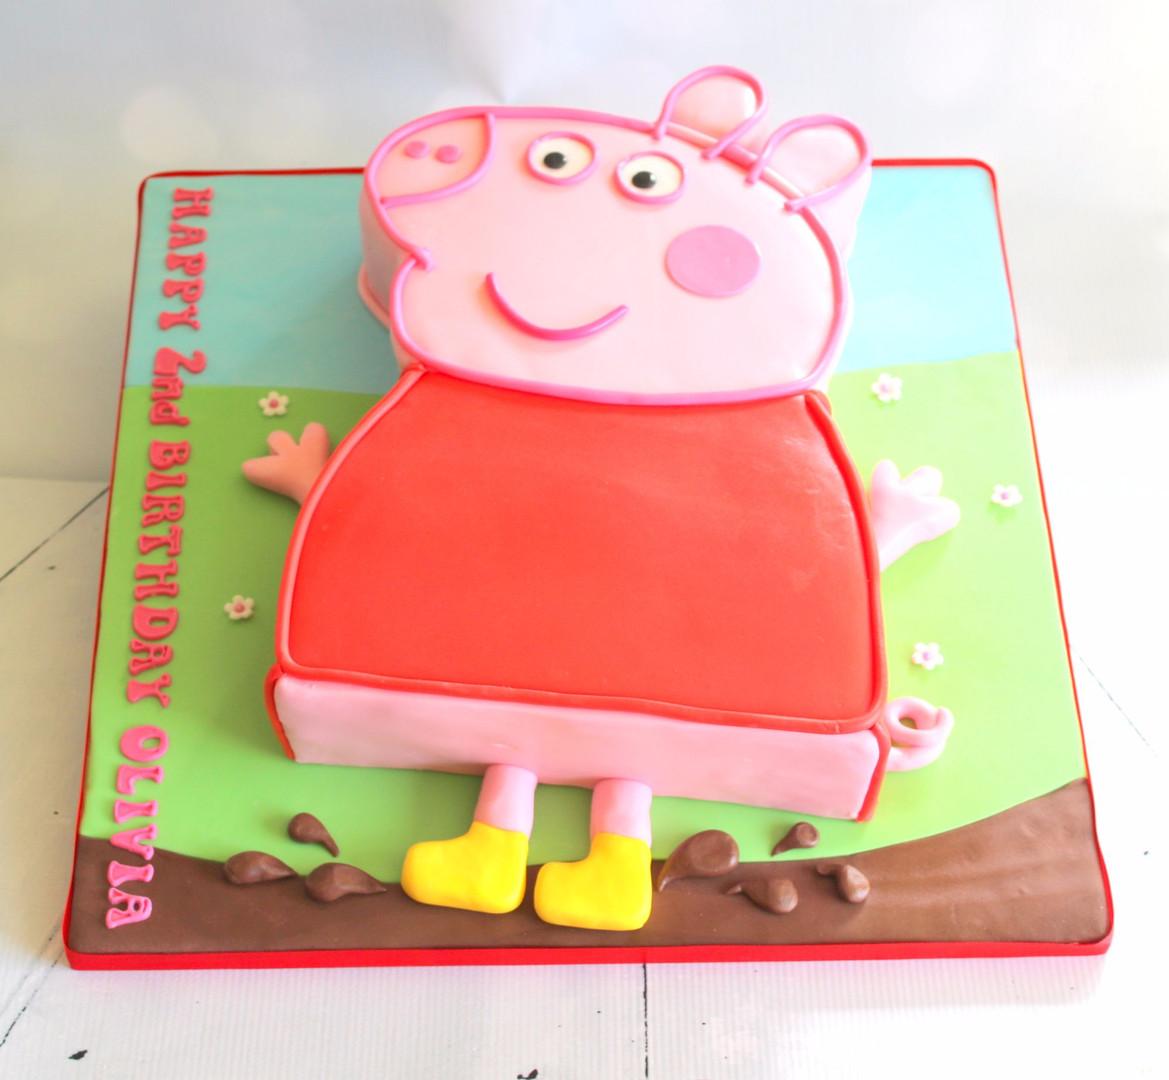 2D Flat Peppa Pig